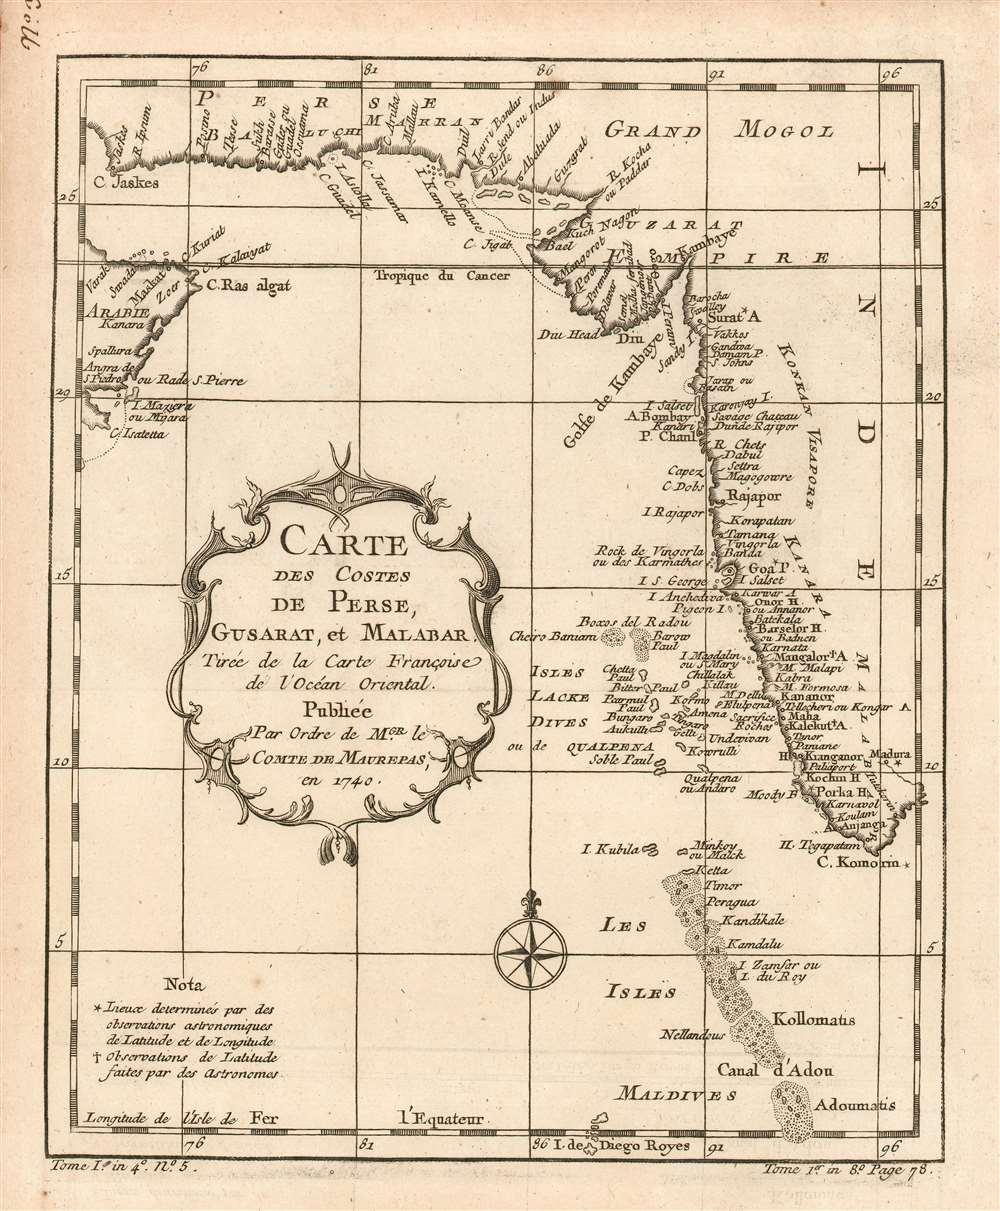 Carte des Costes de Perse, Gusarat et Malabar: Tirée de la Carte Françoise de l'Océan Oriental; Publiée Par Ordre de MGR. le Comte De Maurepas, en 1740. - Main View